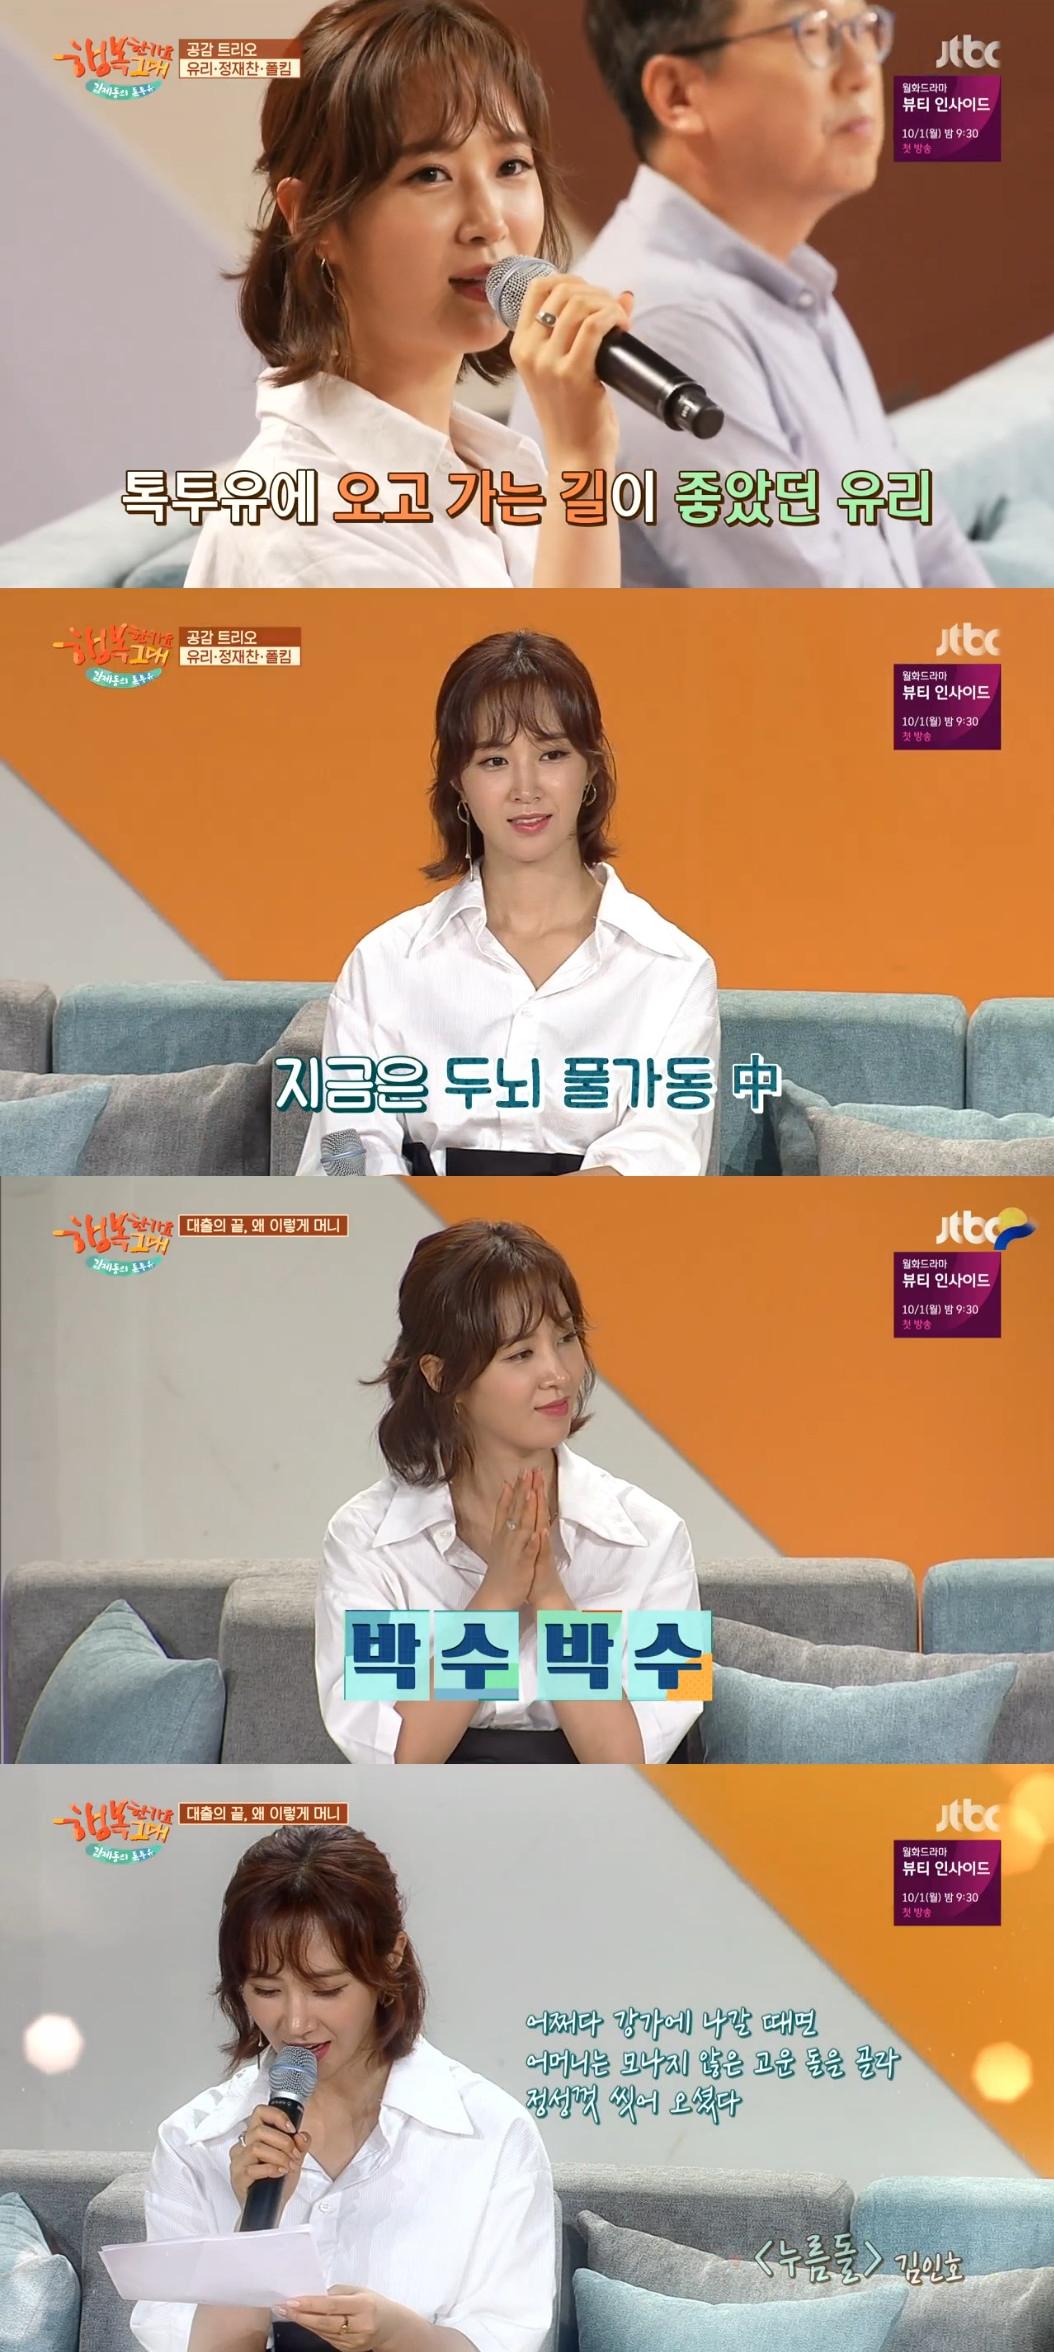 """'김제동의 톡투유2' 유리, """"좋은 사람들과 함께할 수 있어 행복했다"""" 종영 소감 전해"""